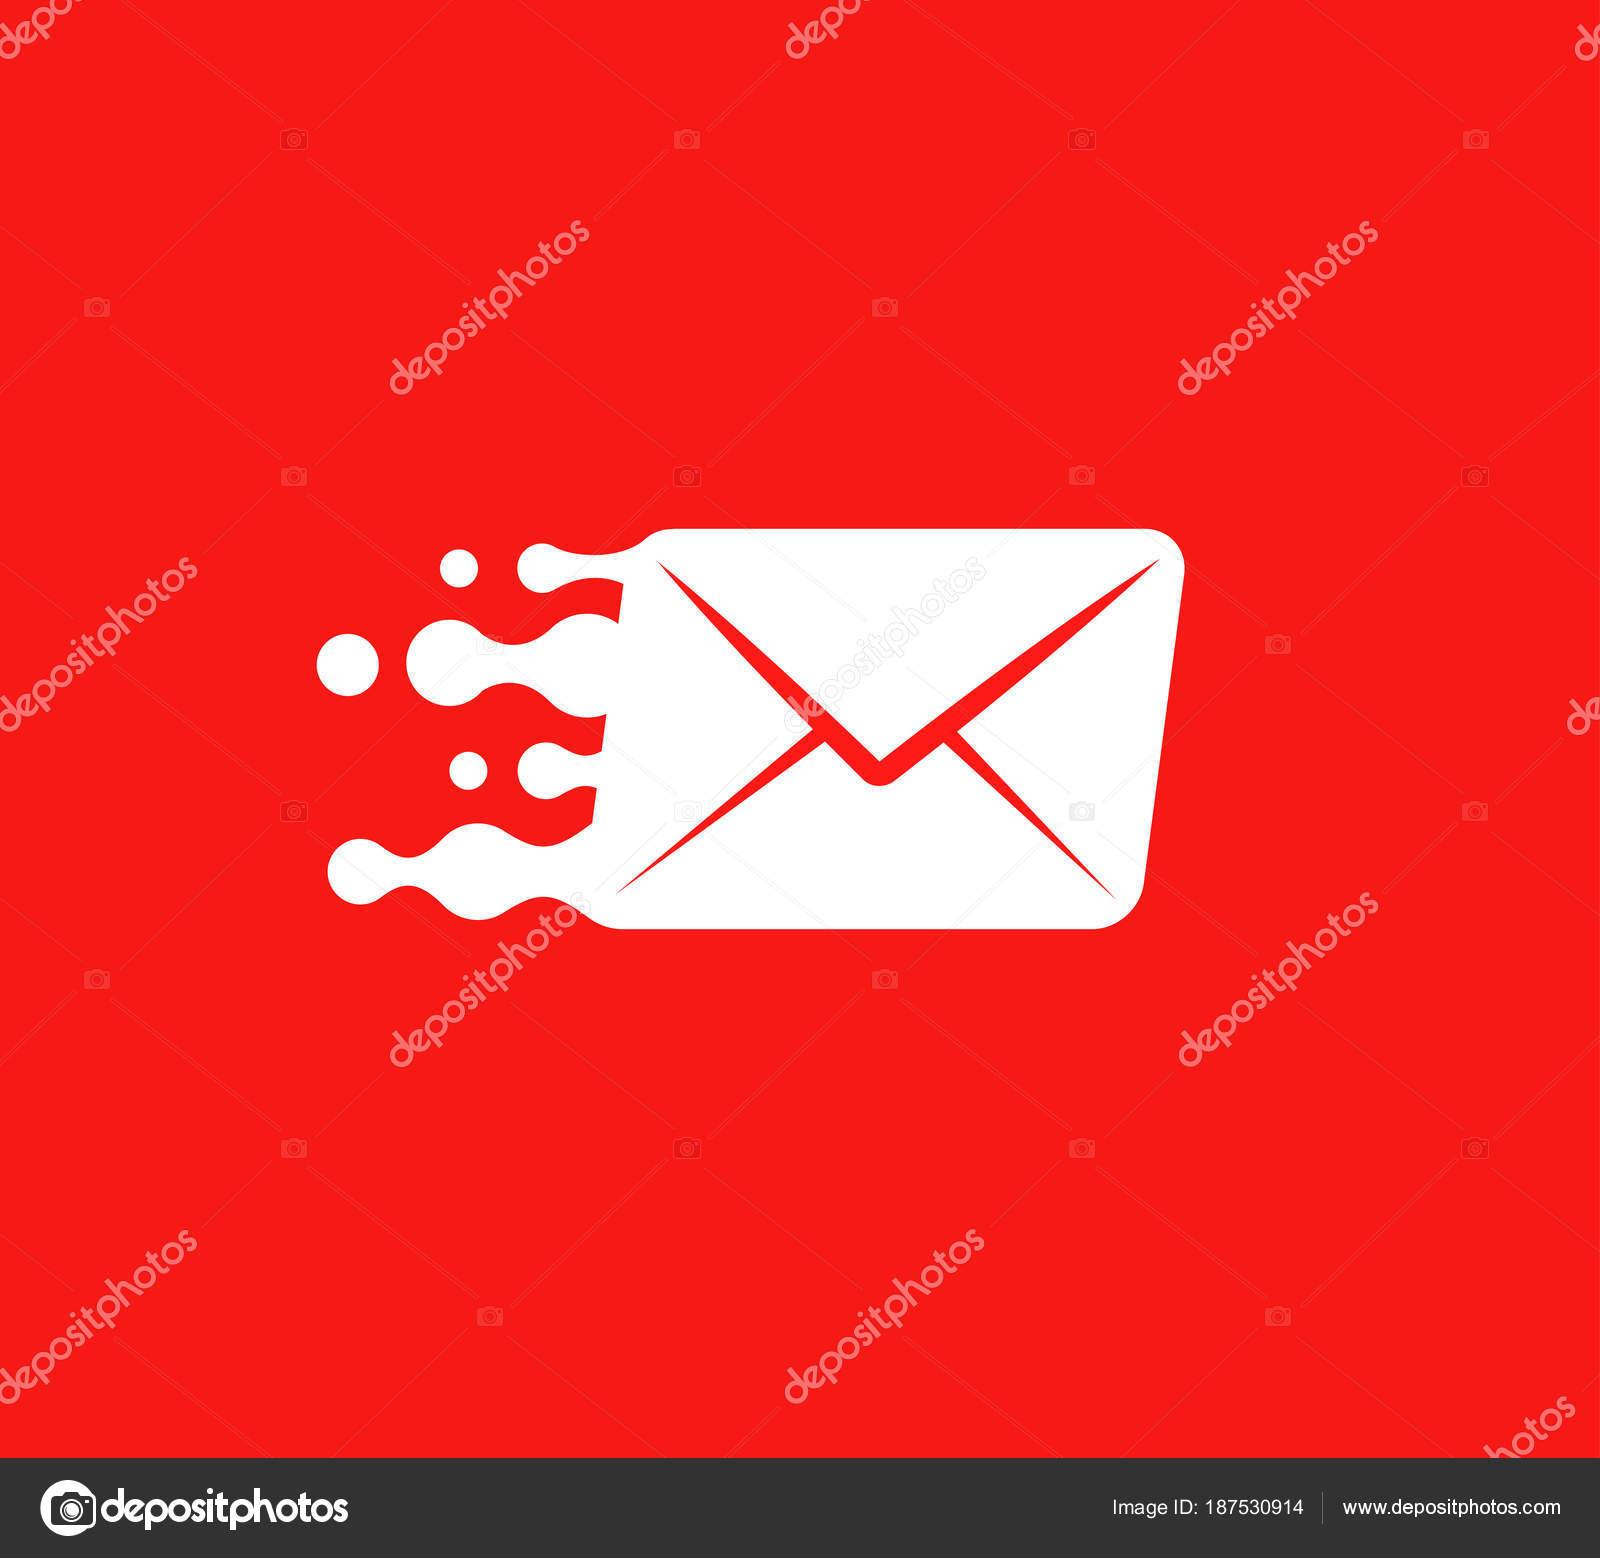 Background Red And White Envelope Logo White Post Envelope